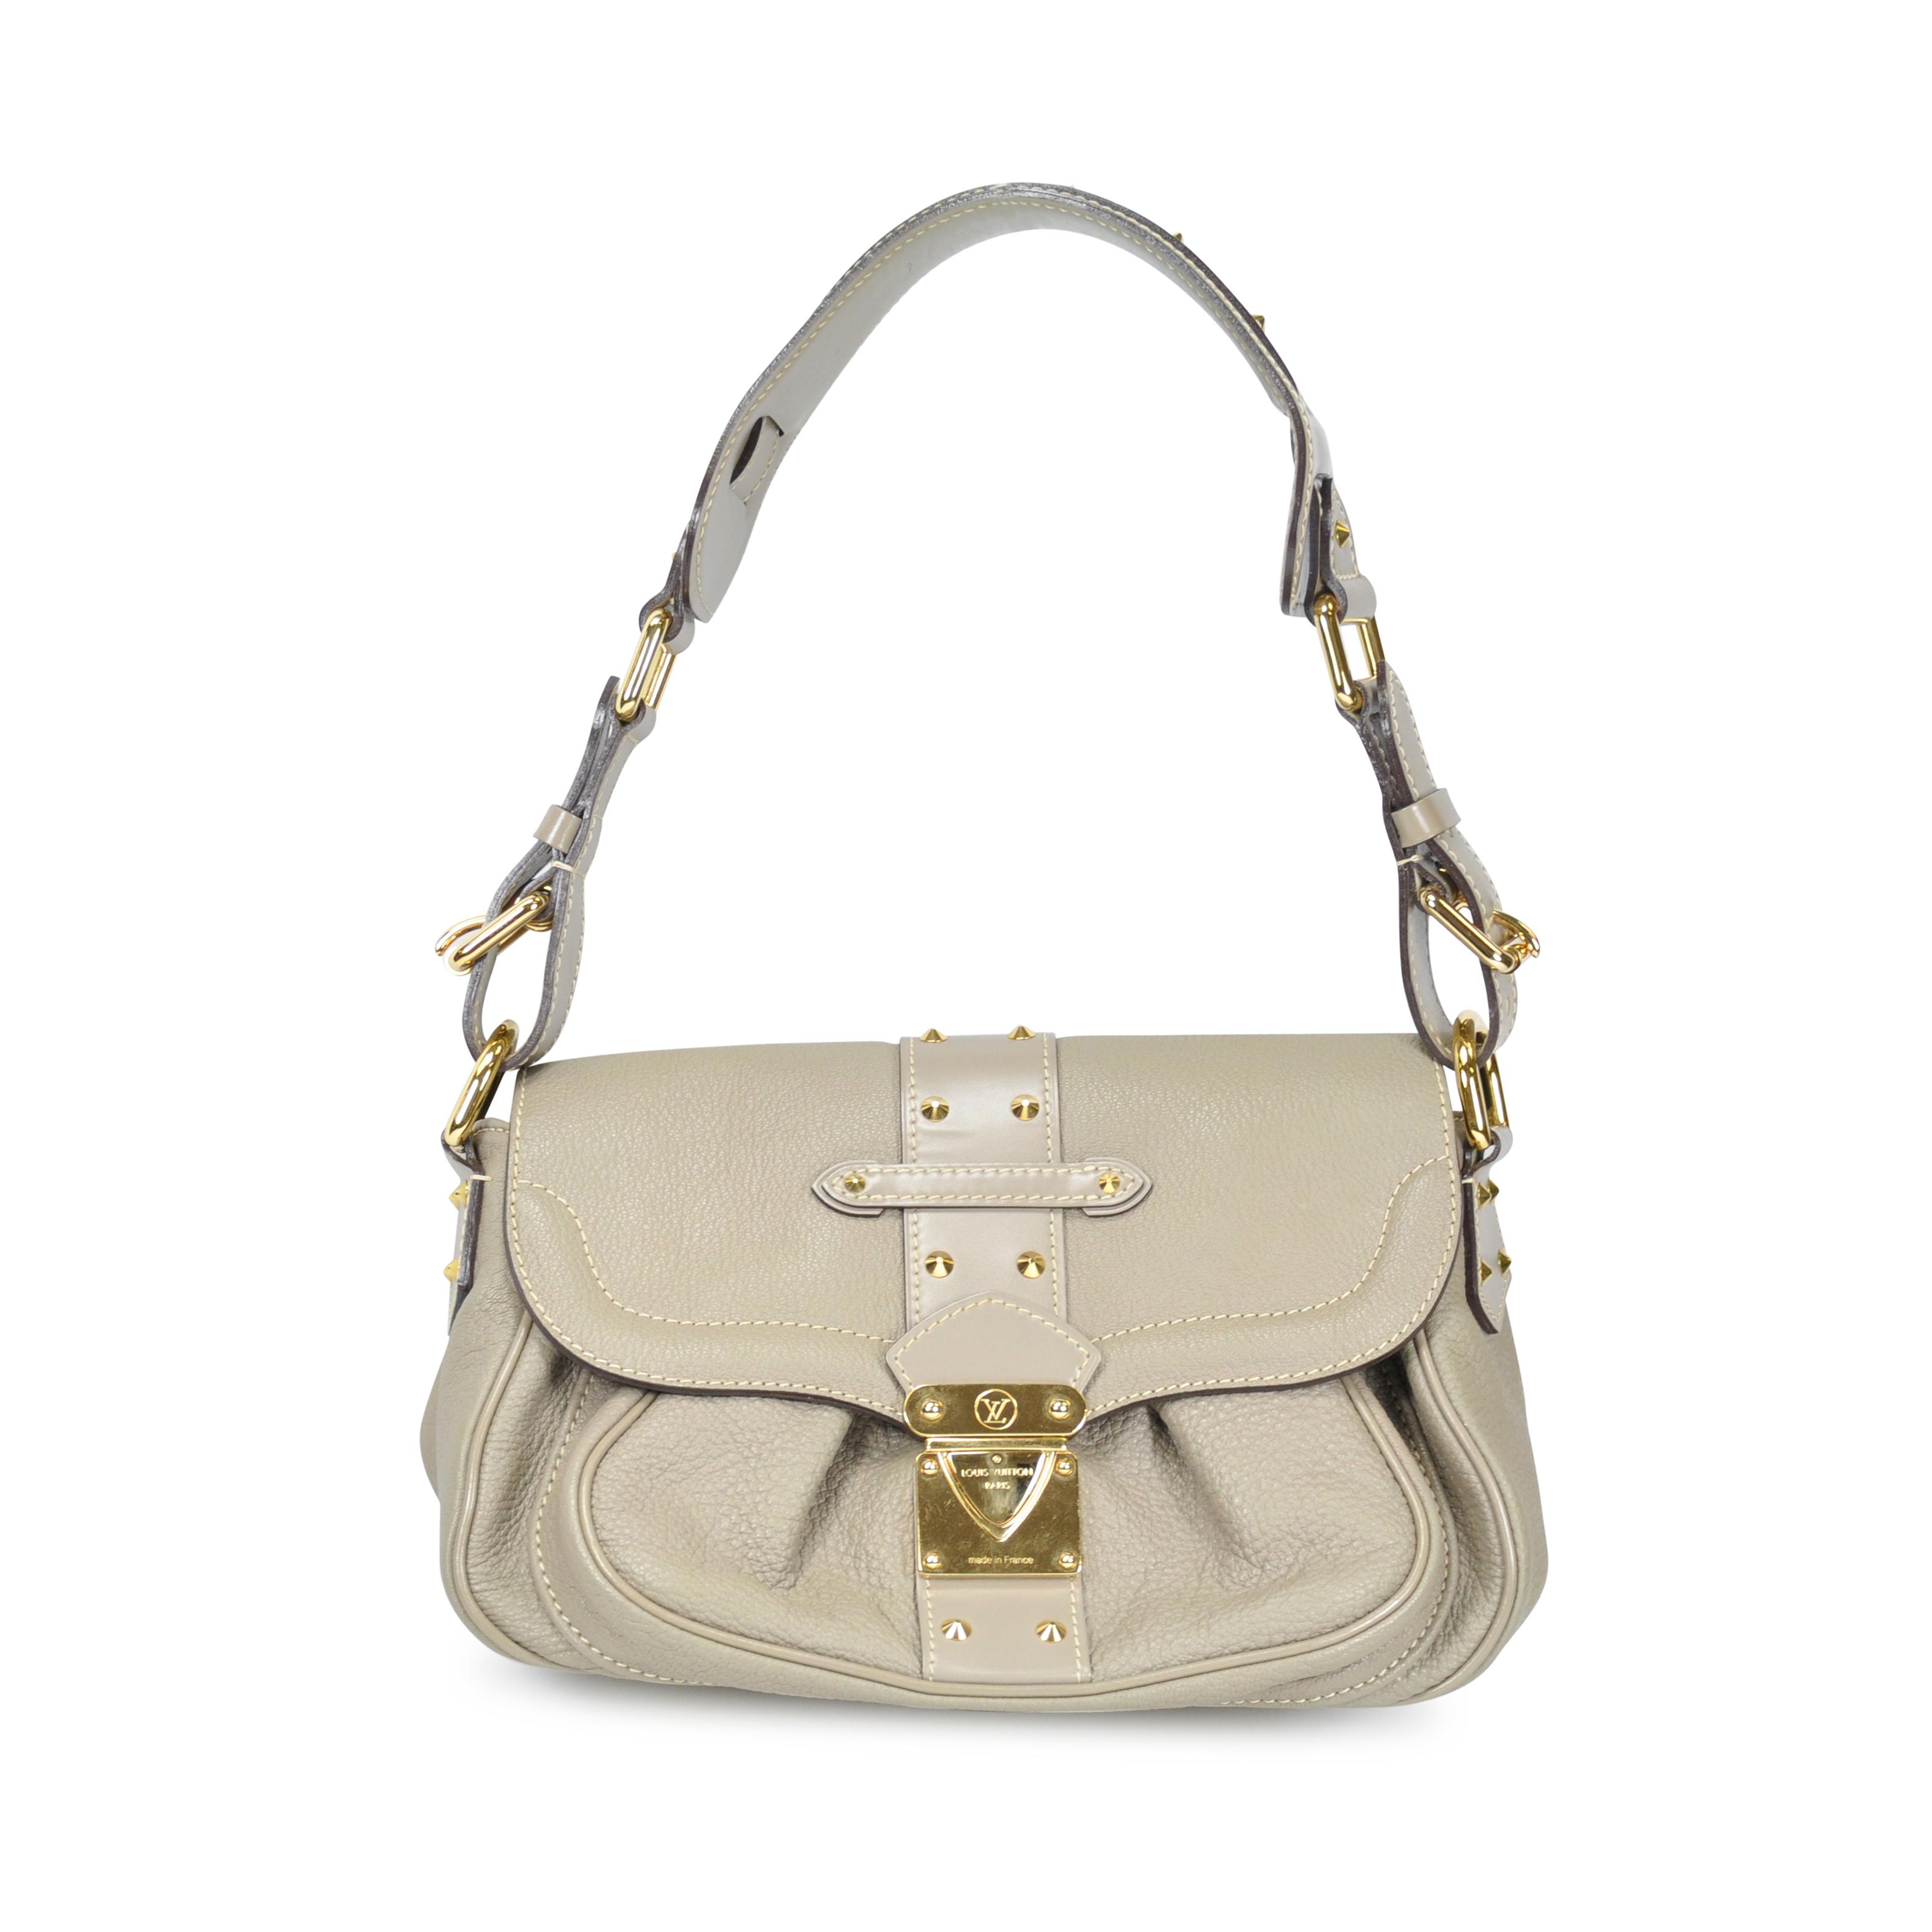 9c1d62e0d Authentic Second Hand Louis Vuitton Suhali Le Confident Bag (PSS-062-00010)  - THE FIFTH COLLECTION